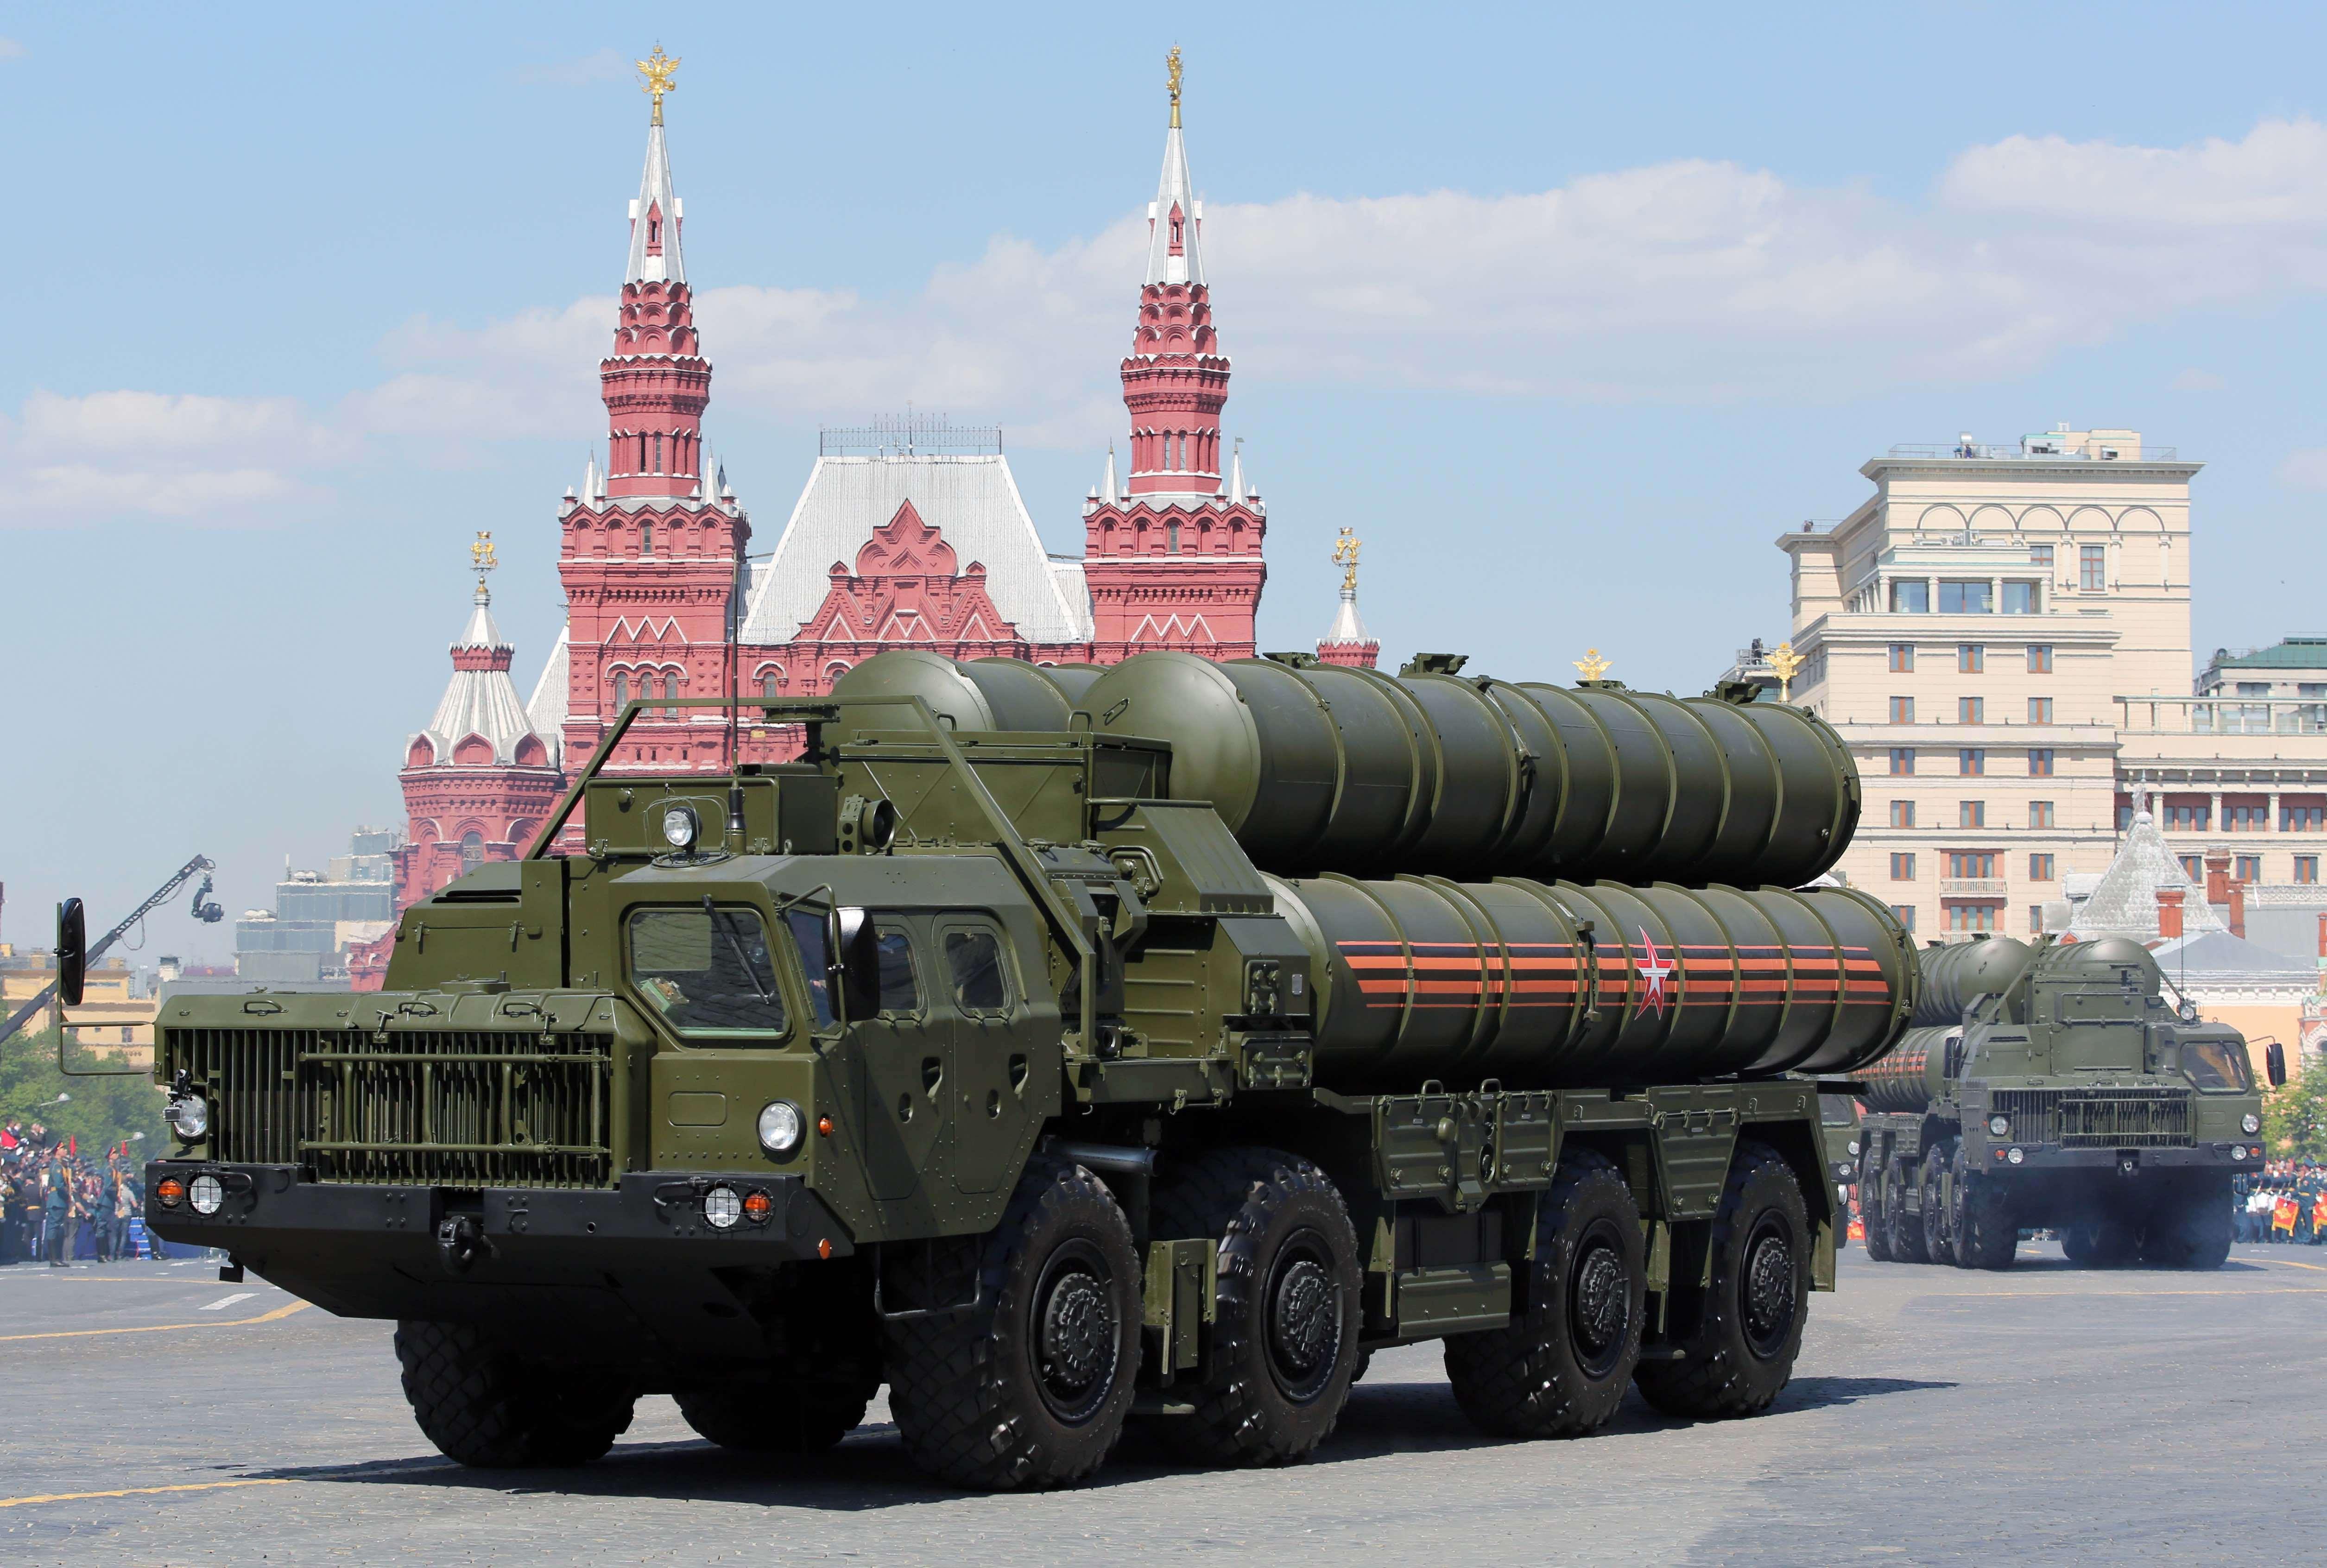 俄罗斯最新的防空导弹系统进入俄罗斯远东的战斗任务